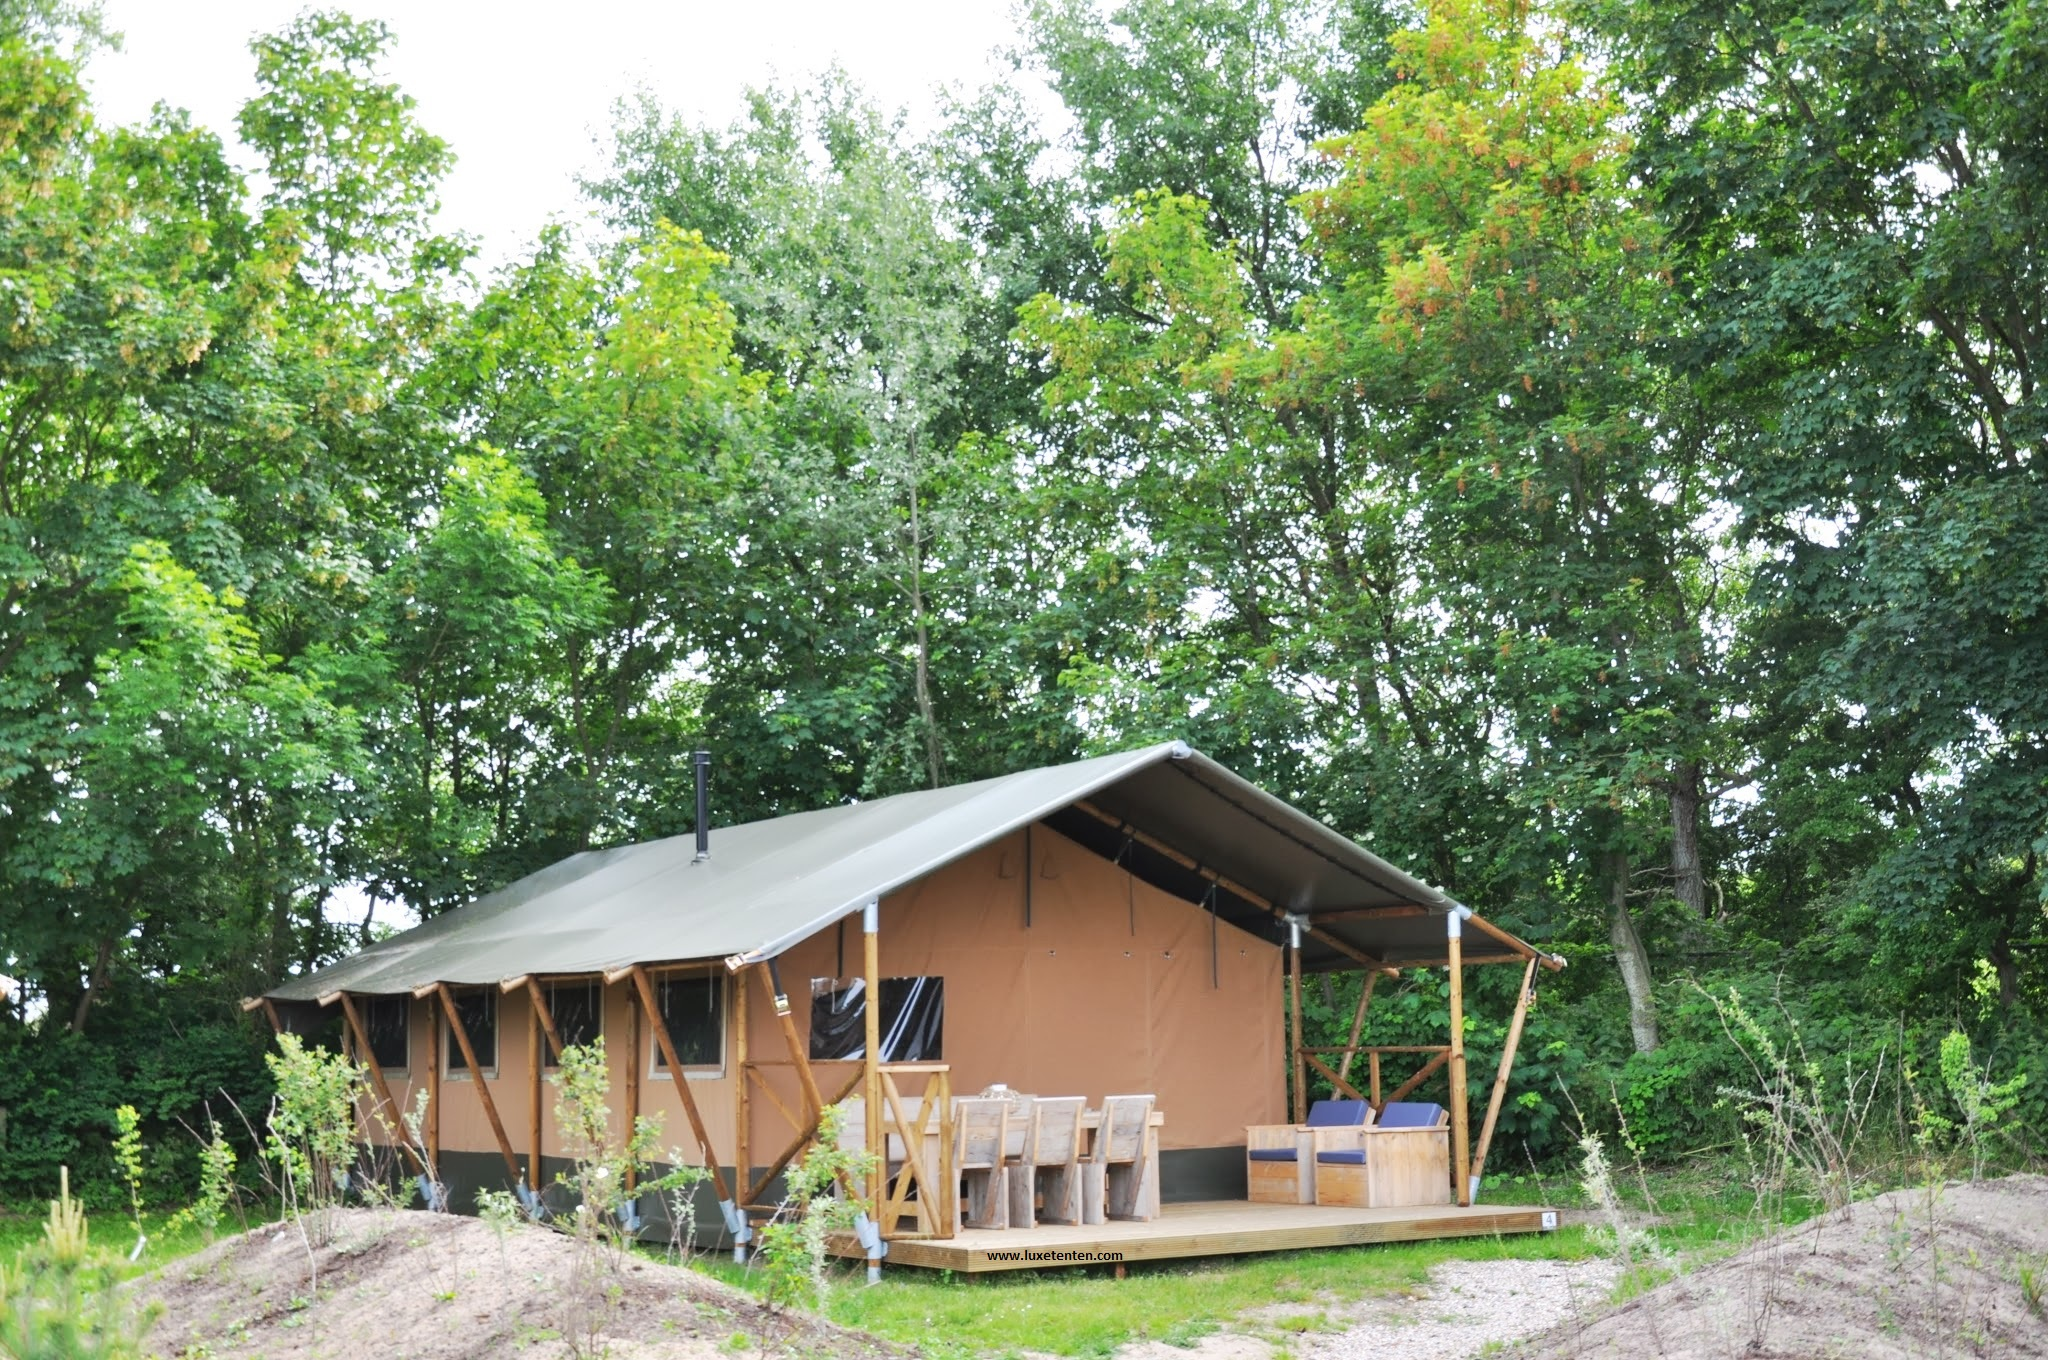 Hébergement Original Et Tout Confort - Camping 3 étoiles à Belle-Ile ...